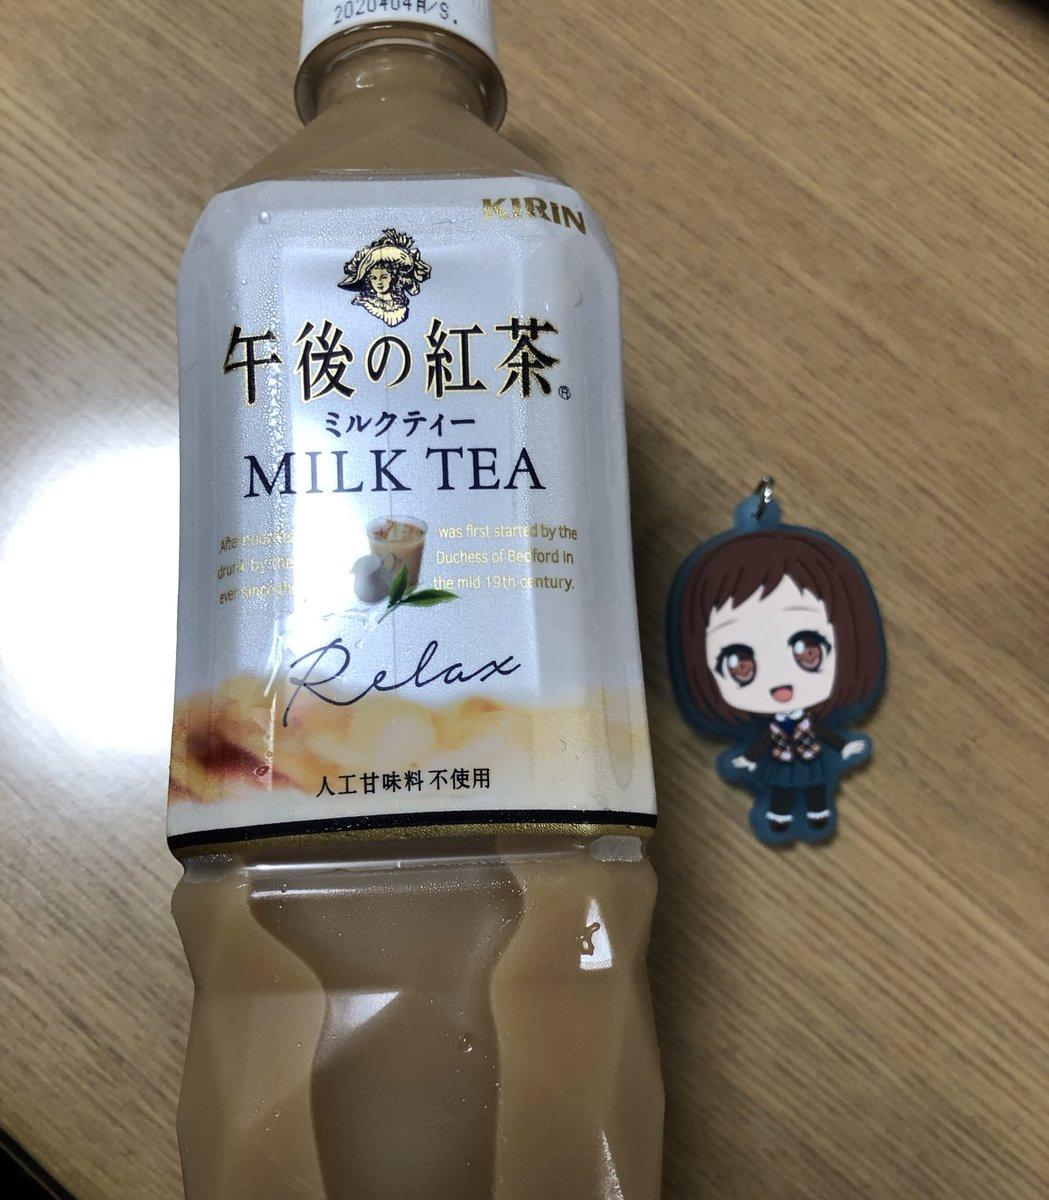 ギル@へなちょこ's photo on #紅茶派